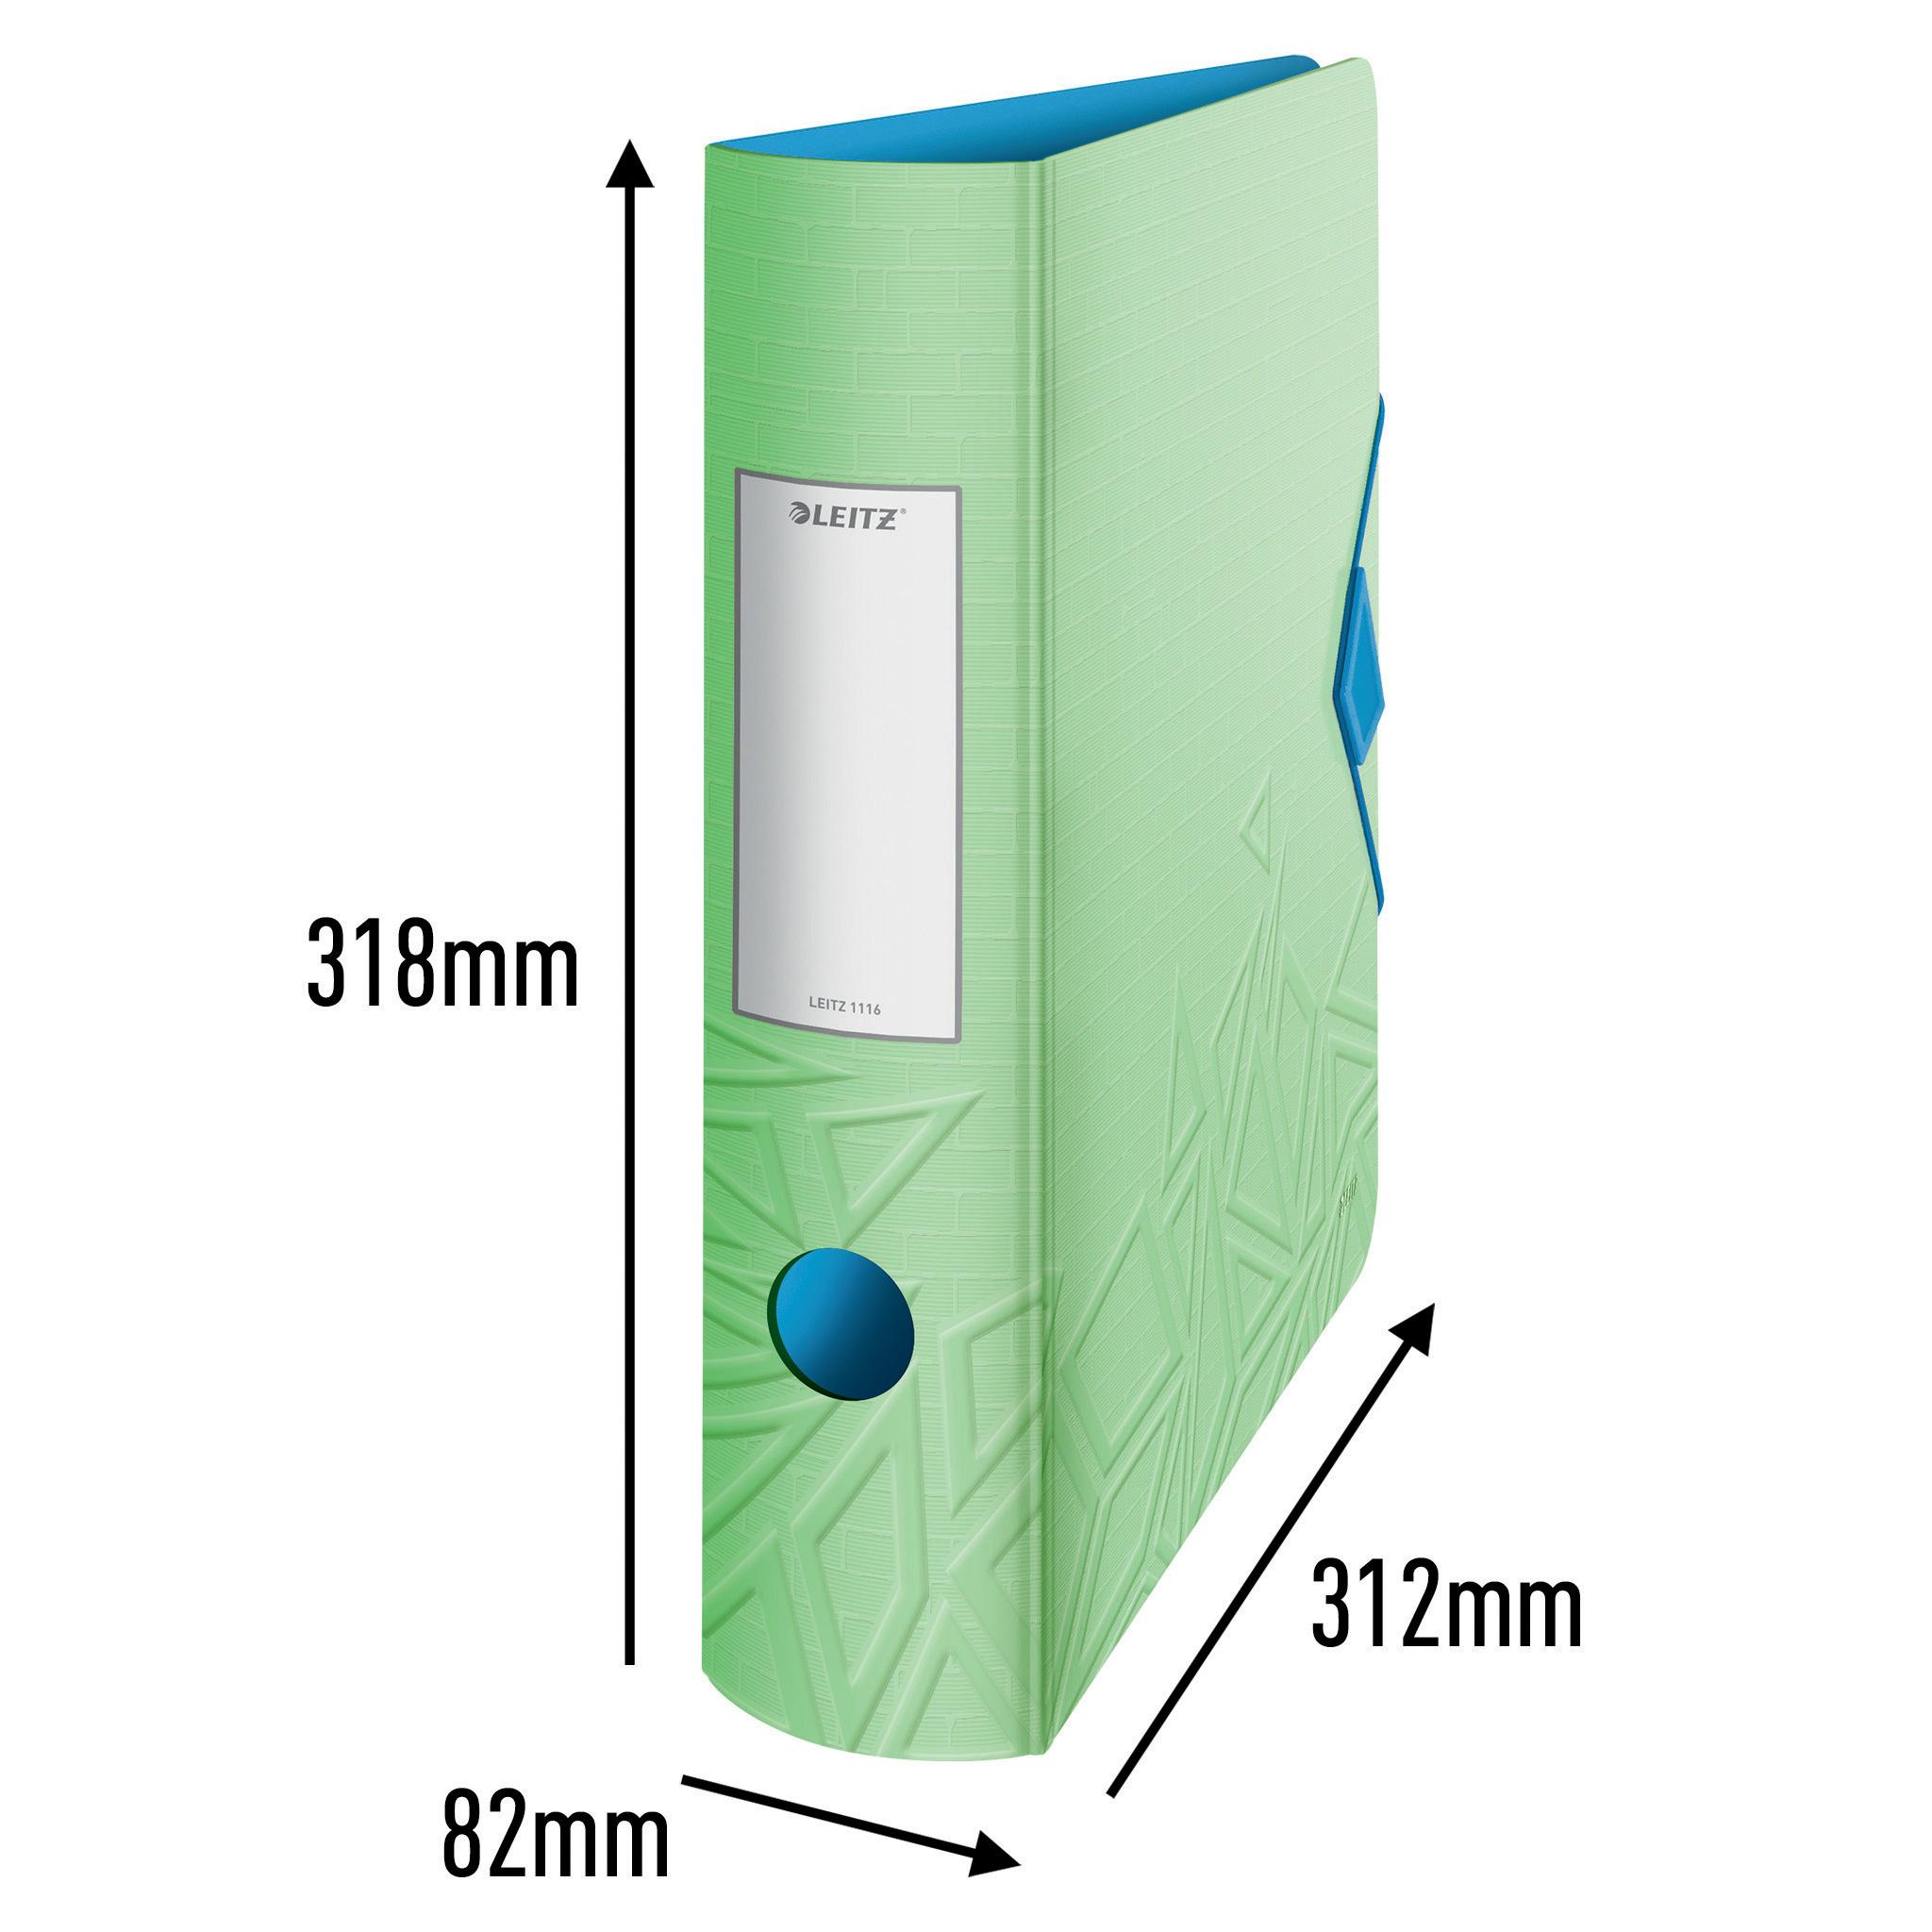 Регистратор 8.2см. А4 (PP) Active Urban Chic 180°, зелен. LEITZ - фото 4